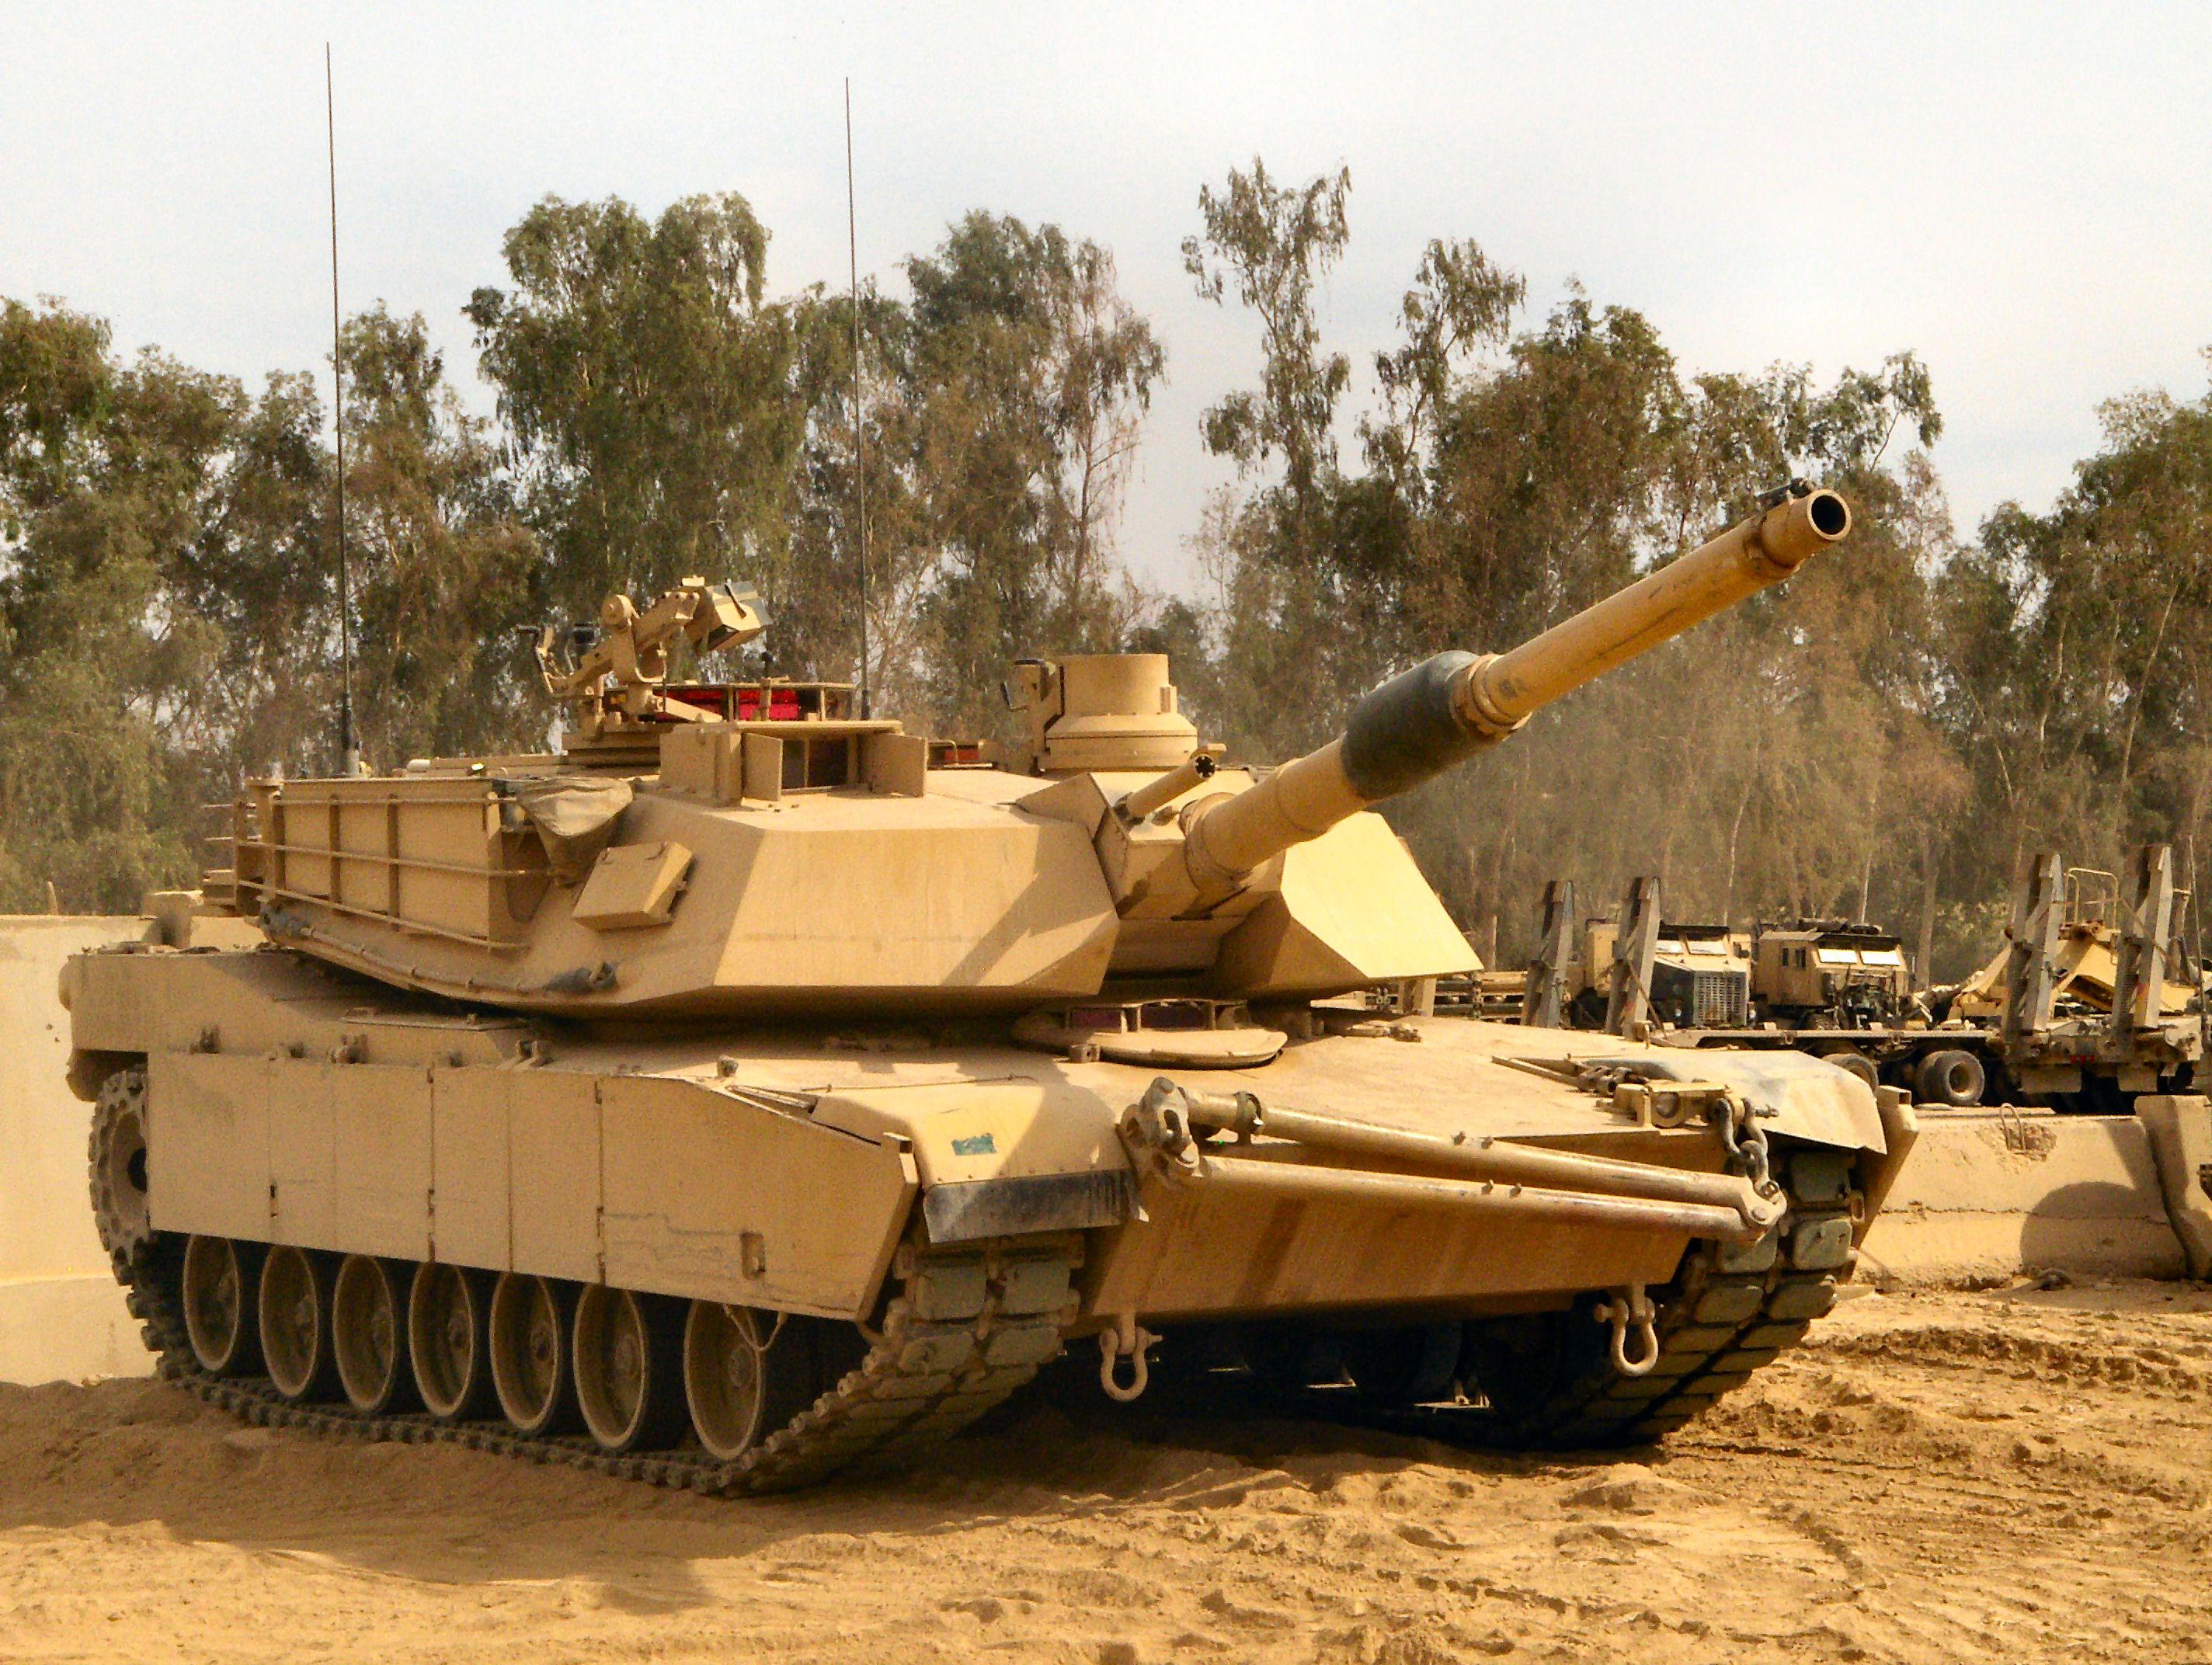 이제 K2 흑표 전차 같은 쓰래기는 폐기하고 M1A2를 ..